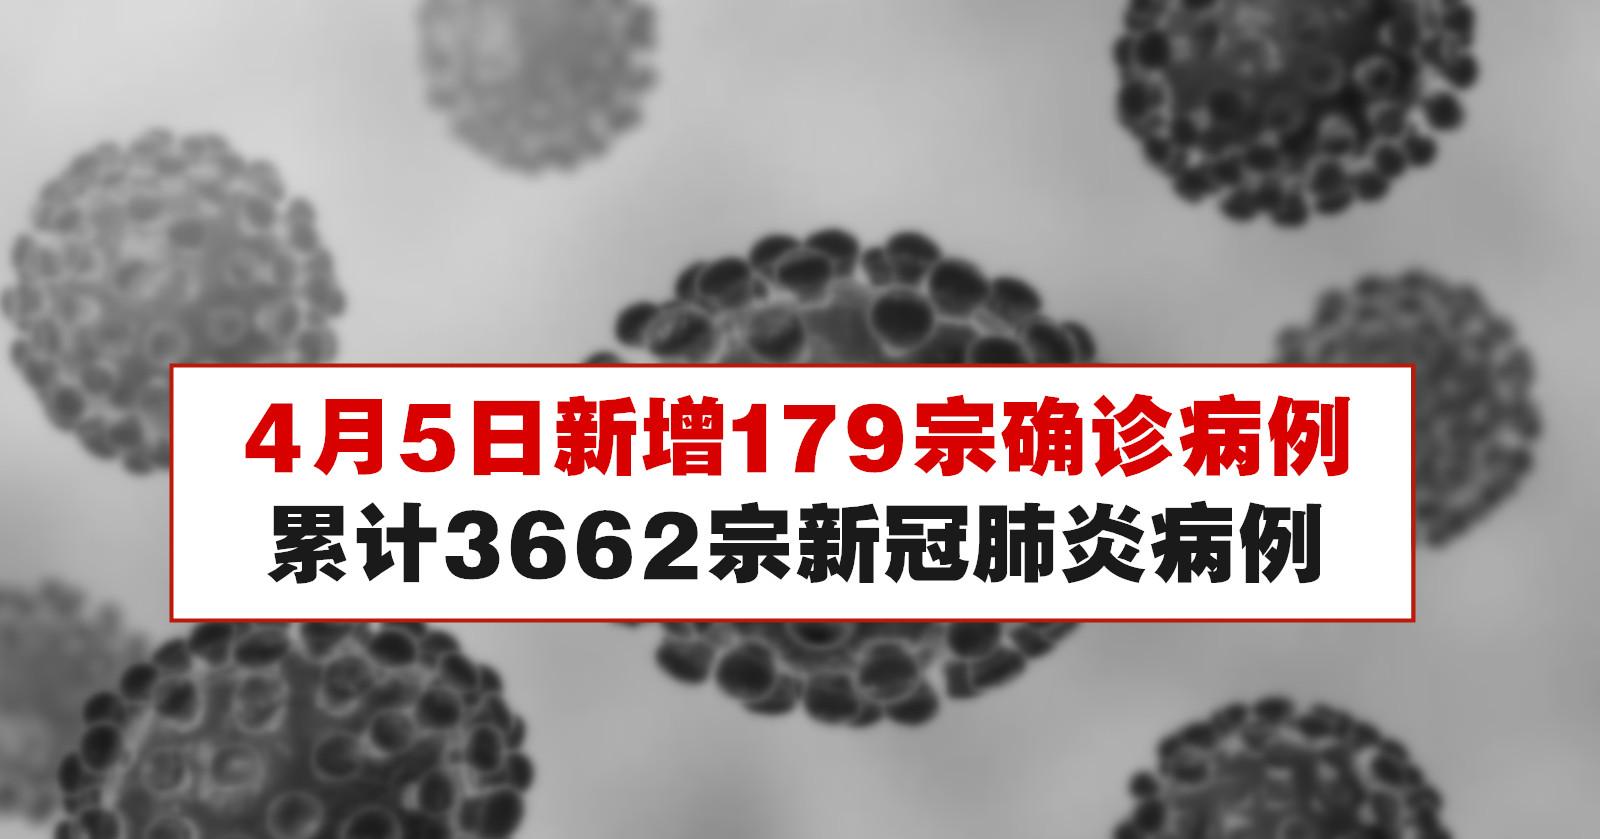 4月5日新增179宗新冠肺炎病例